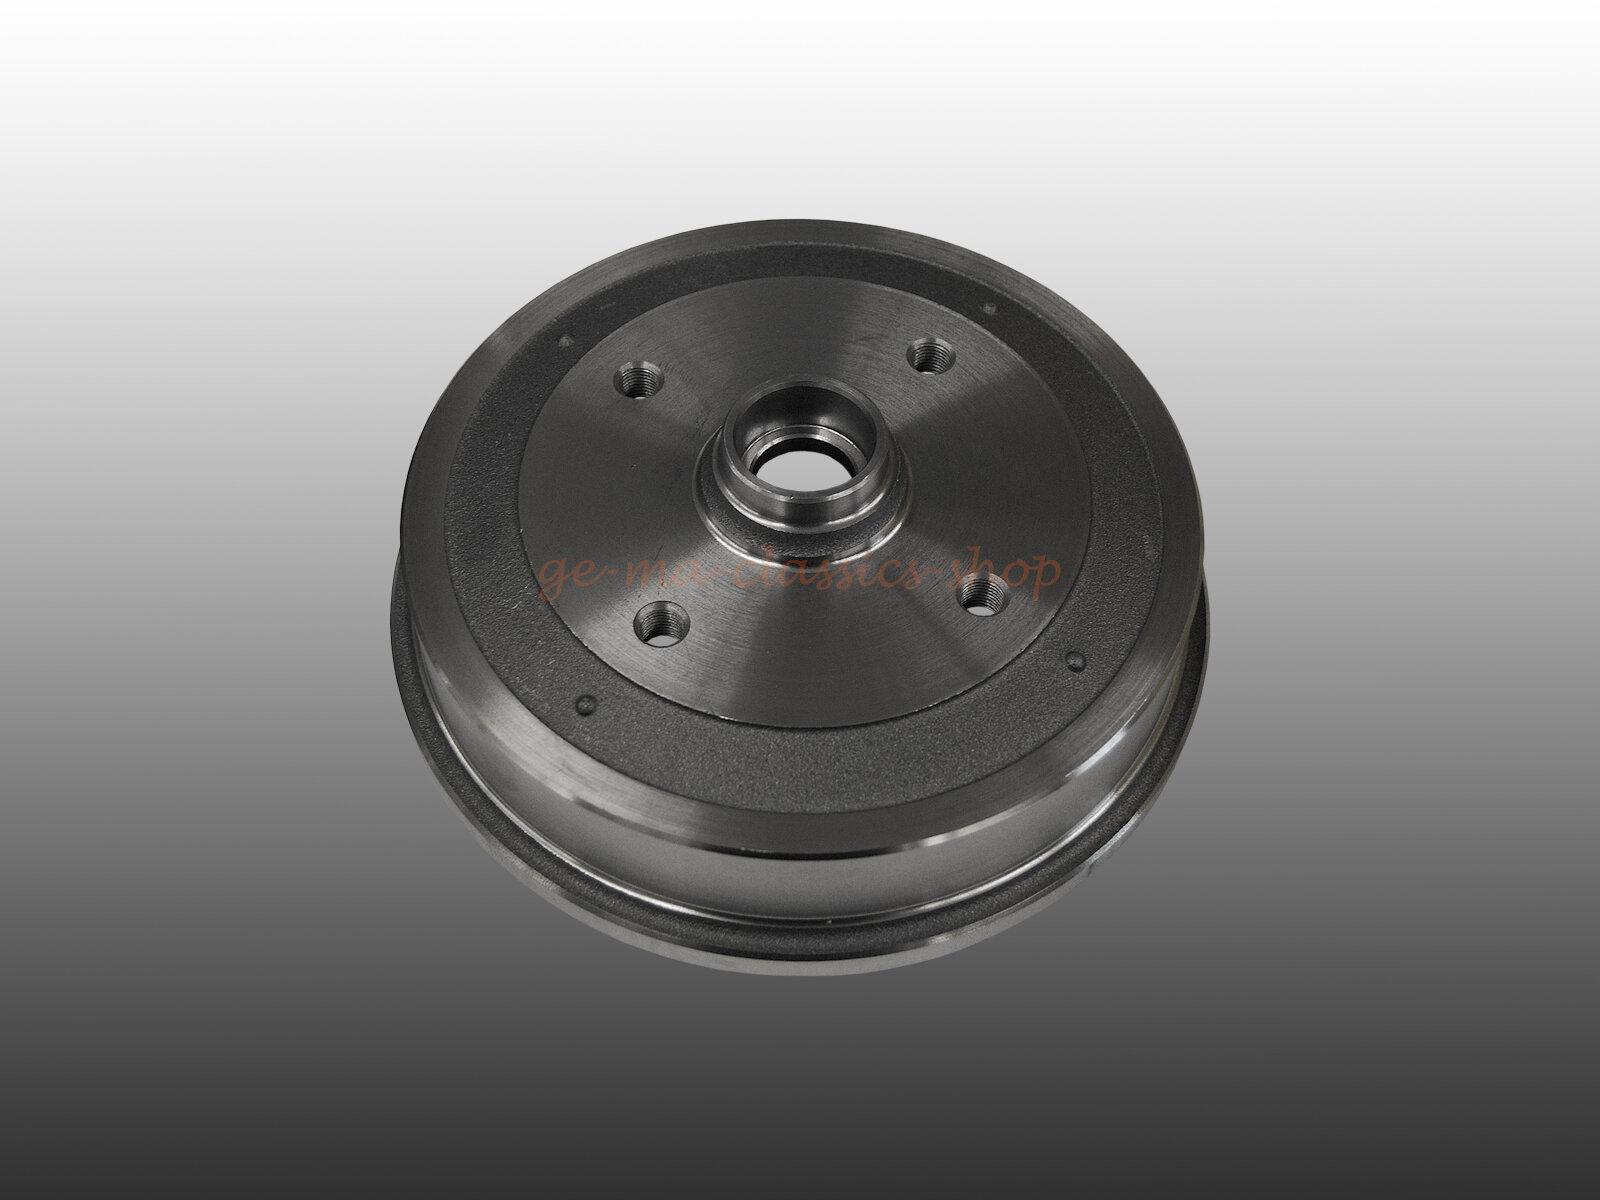 Bremstrommel für VW Käfer ab 68 Vorderachse